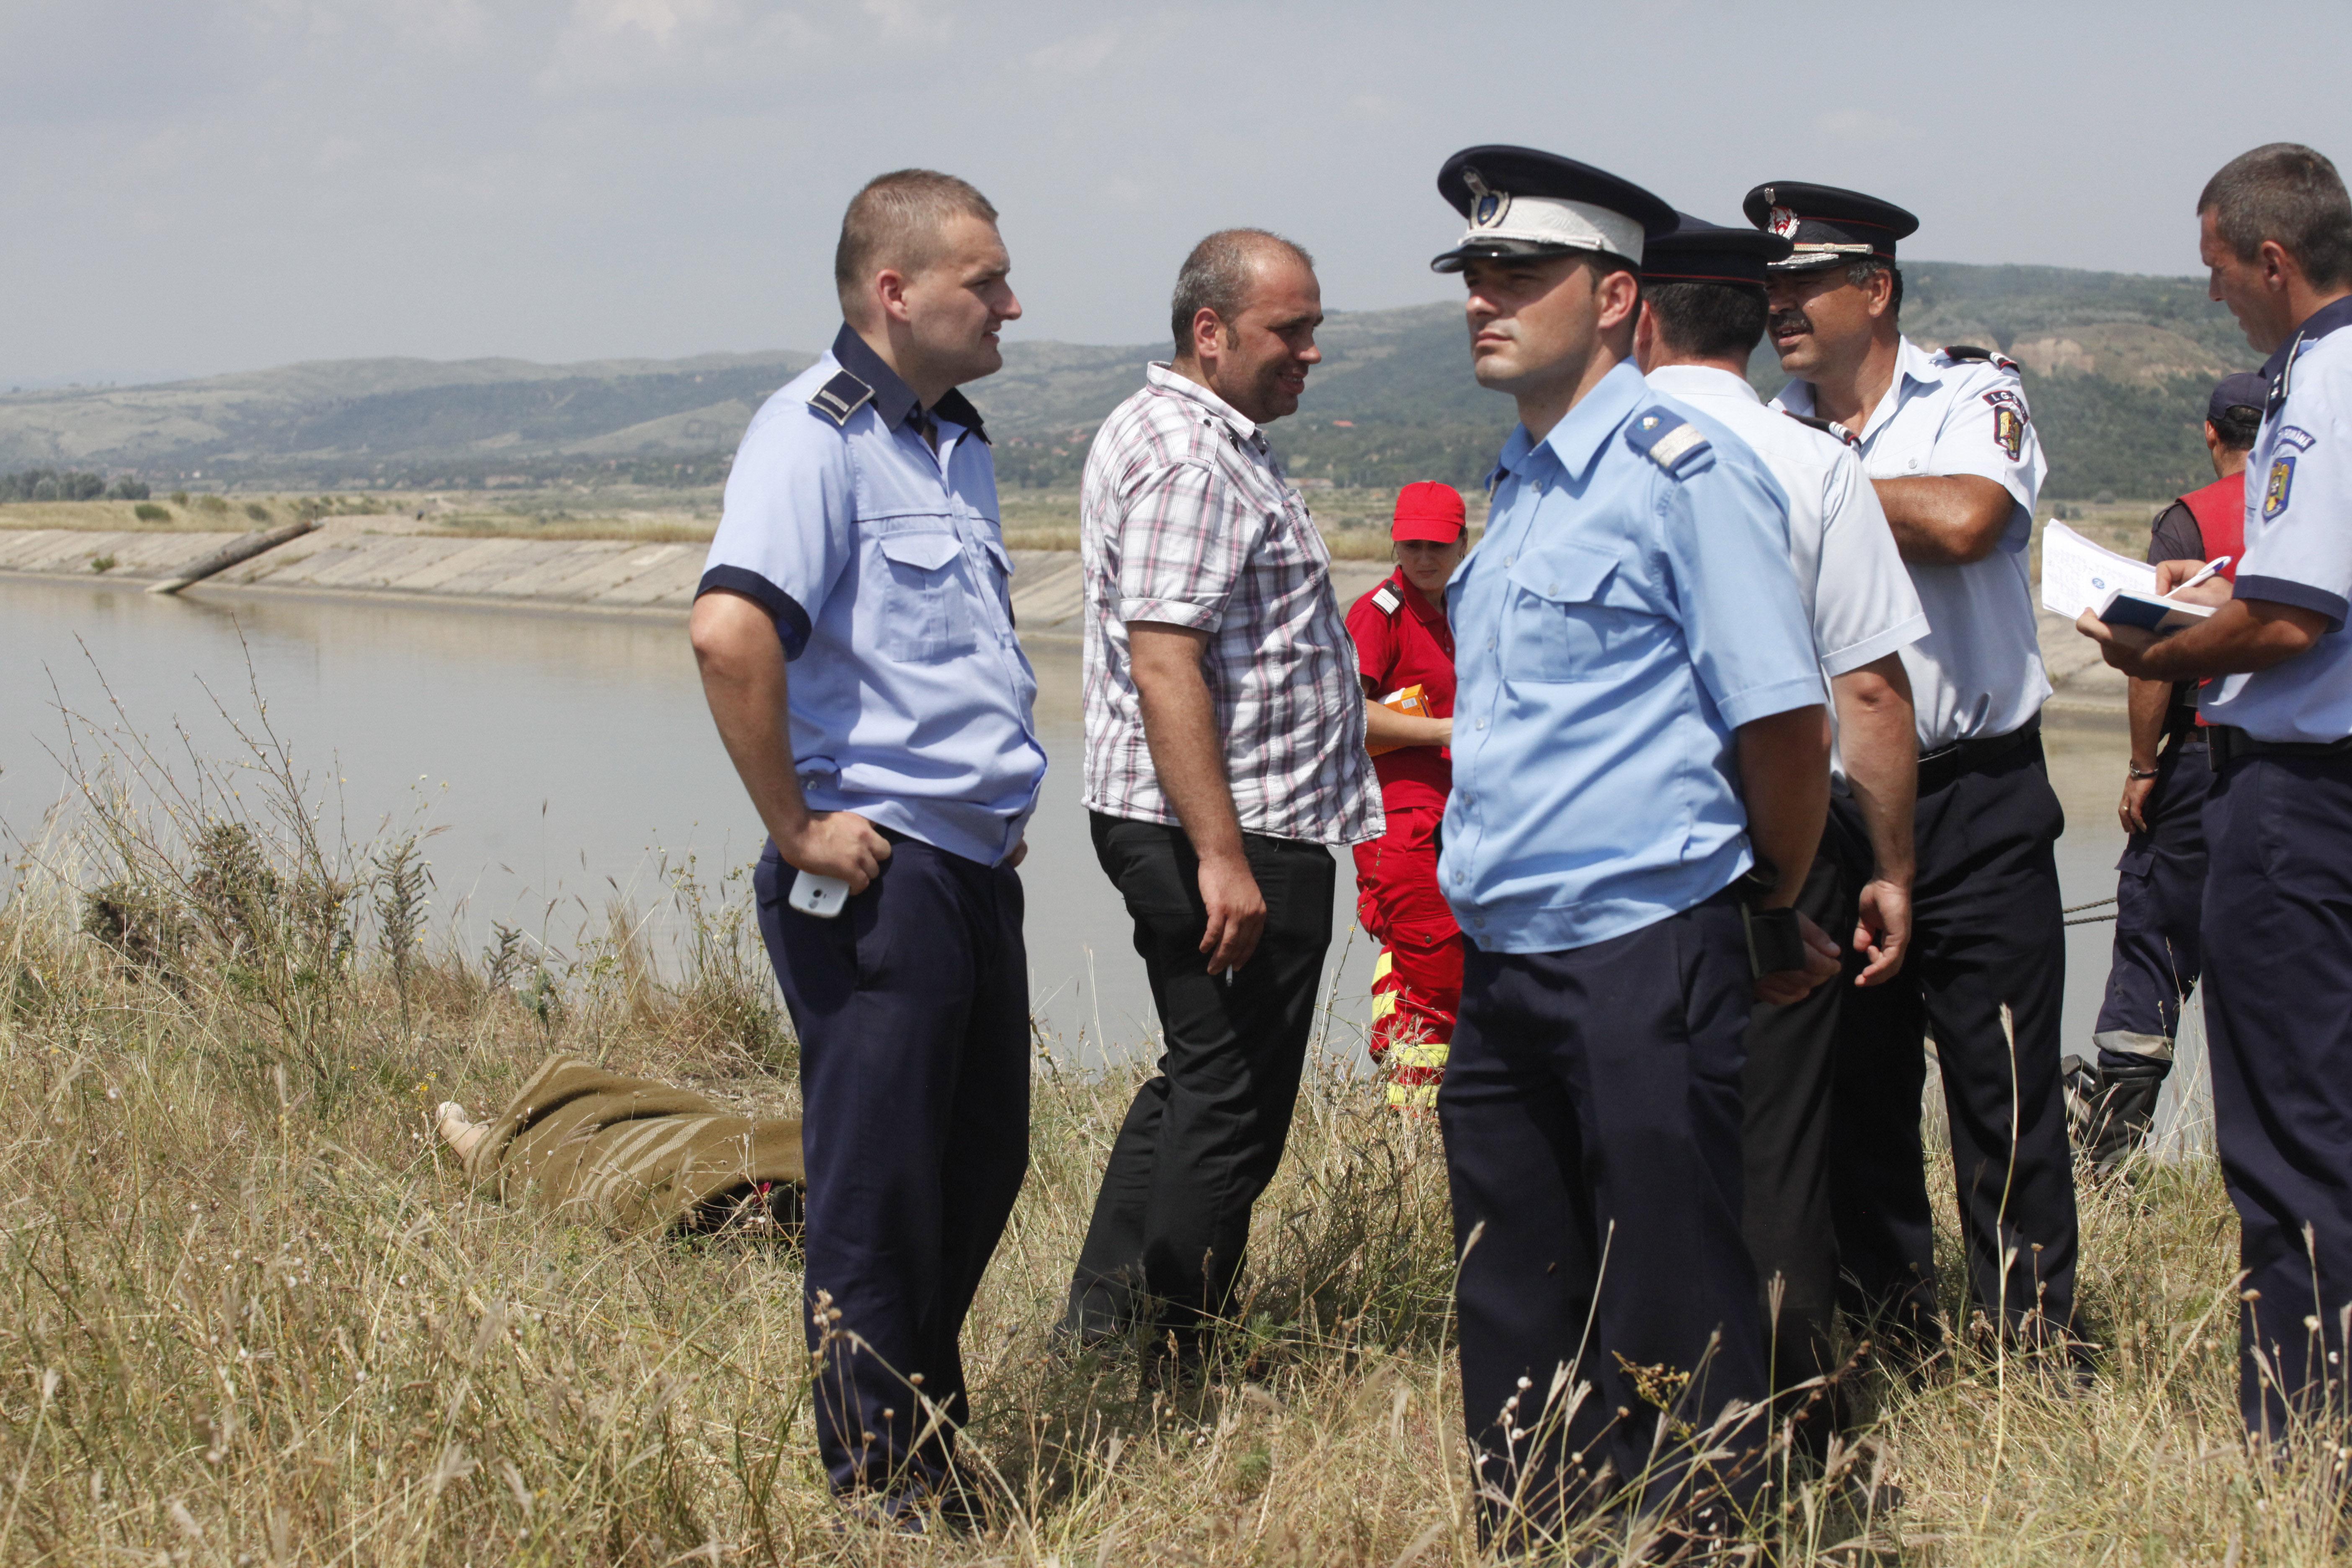 Un copil de 12 ani s-a înecat într-un canal de irigaţii din judeţul Brăila